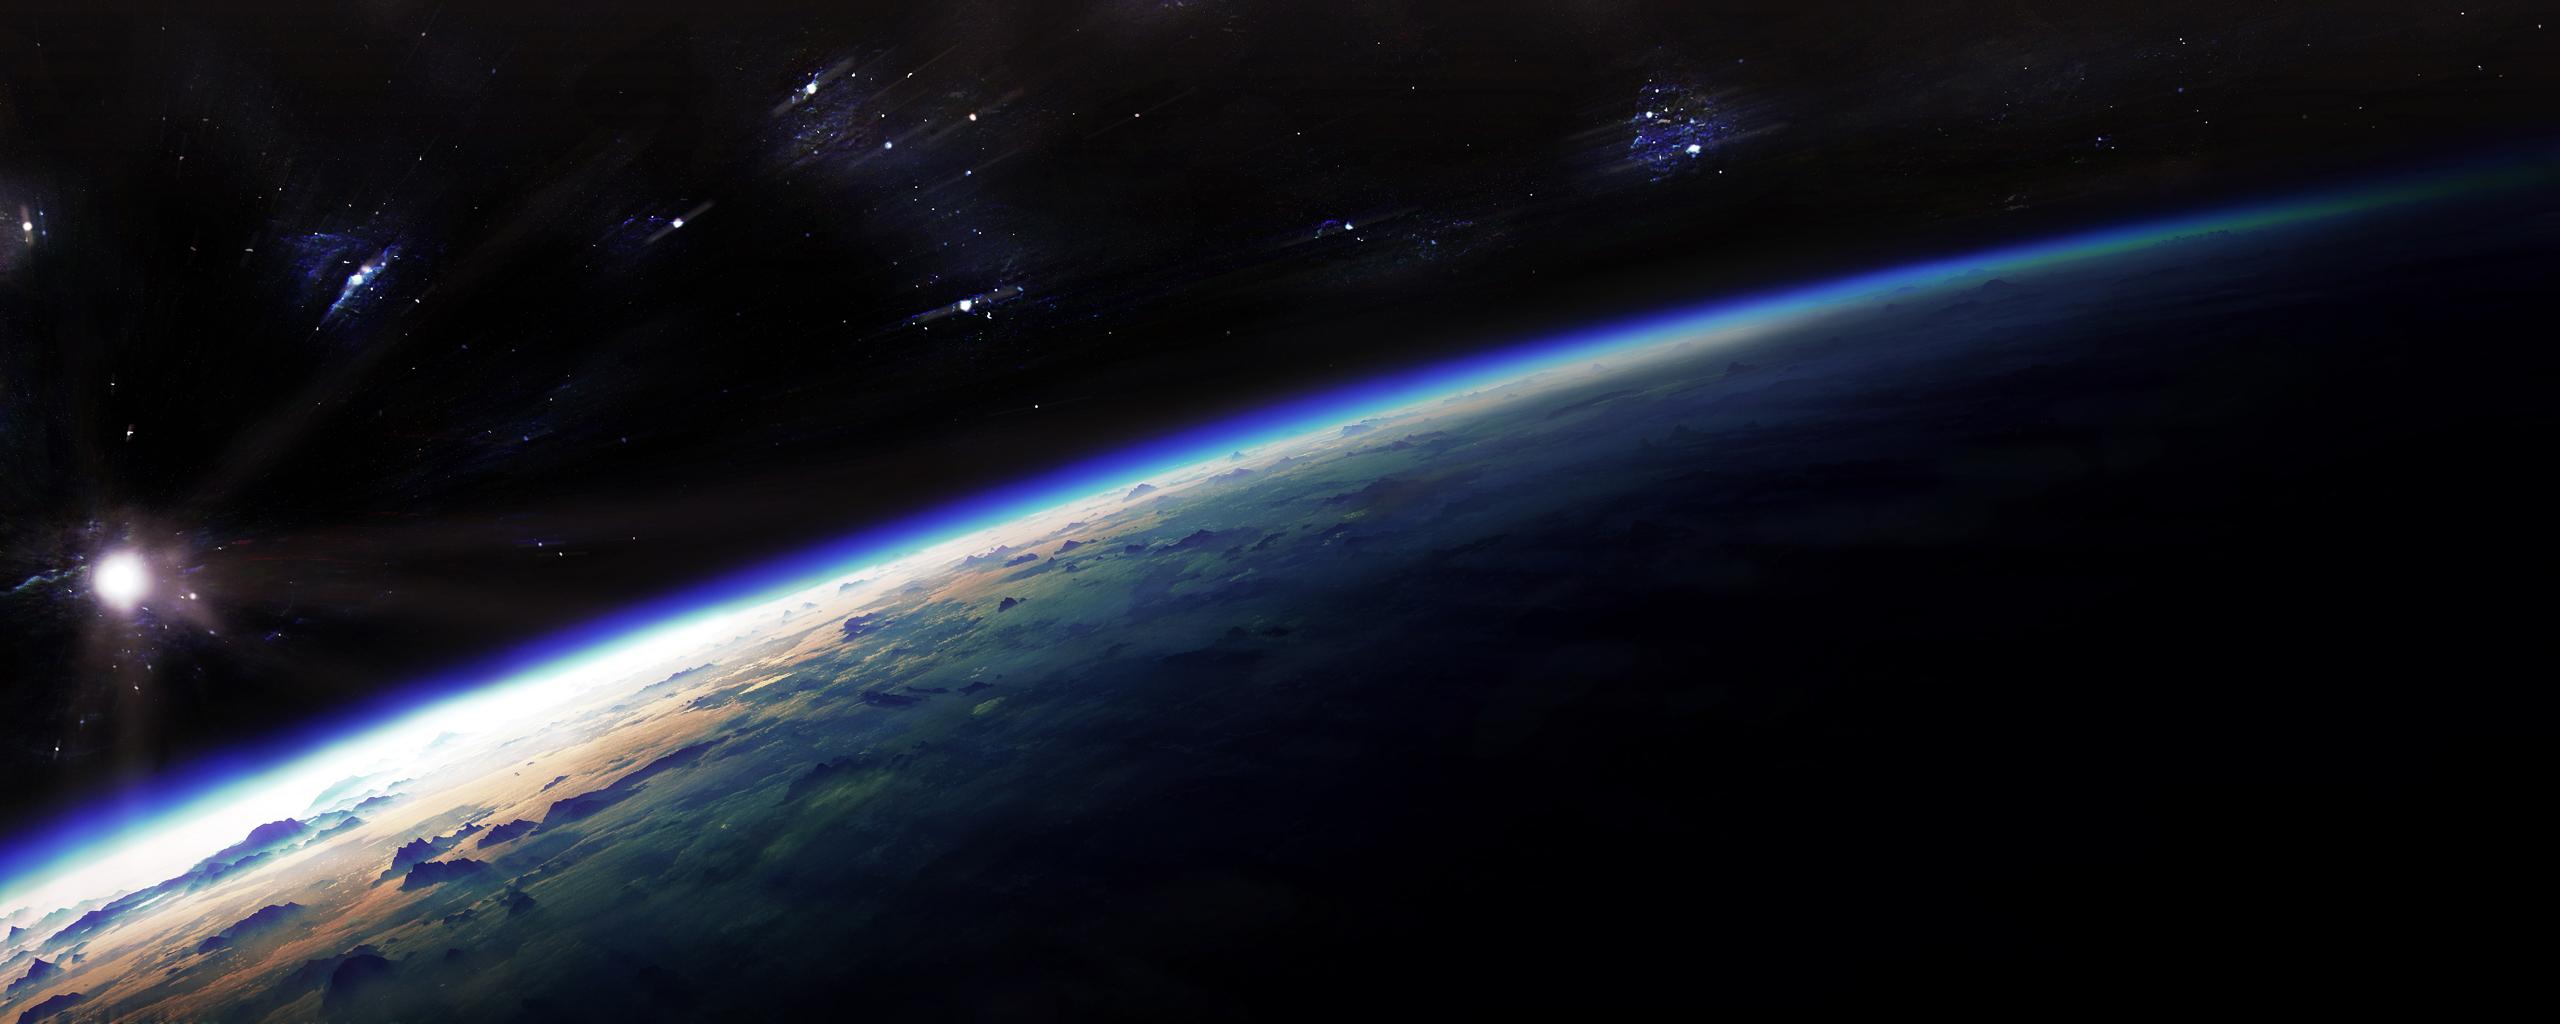 Обои планета земля свечение картинки на рабочий стол на тему Космос - скачать без смс